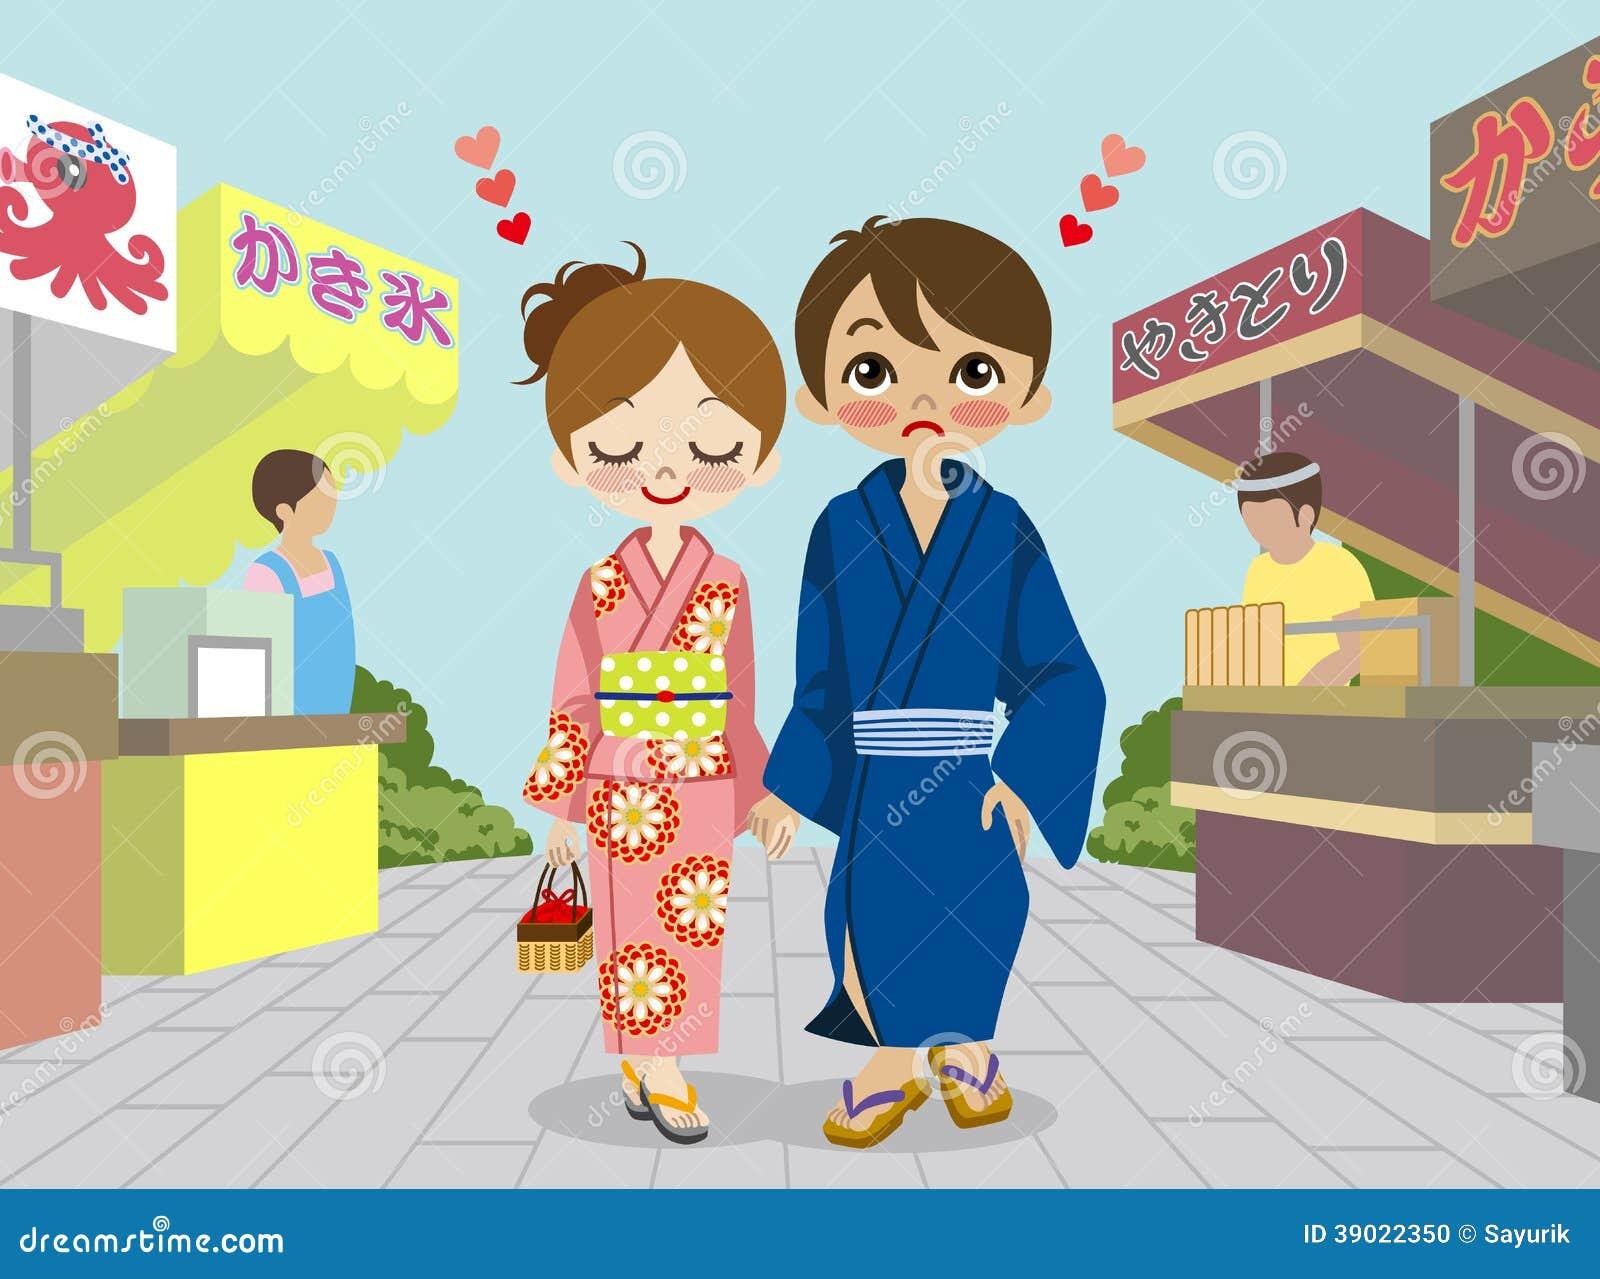 japansk dating fest for tidlig å starte dating igjen